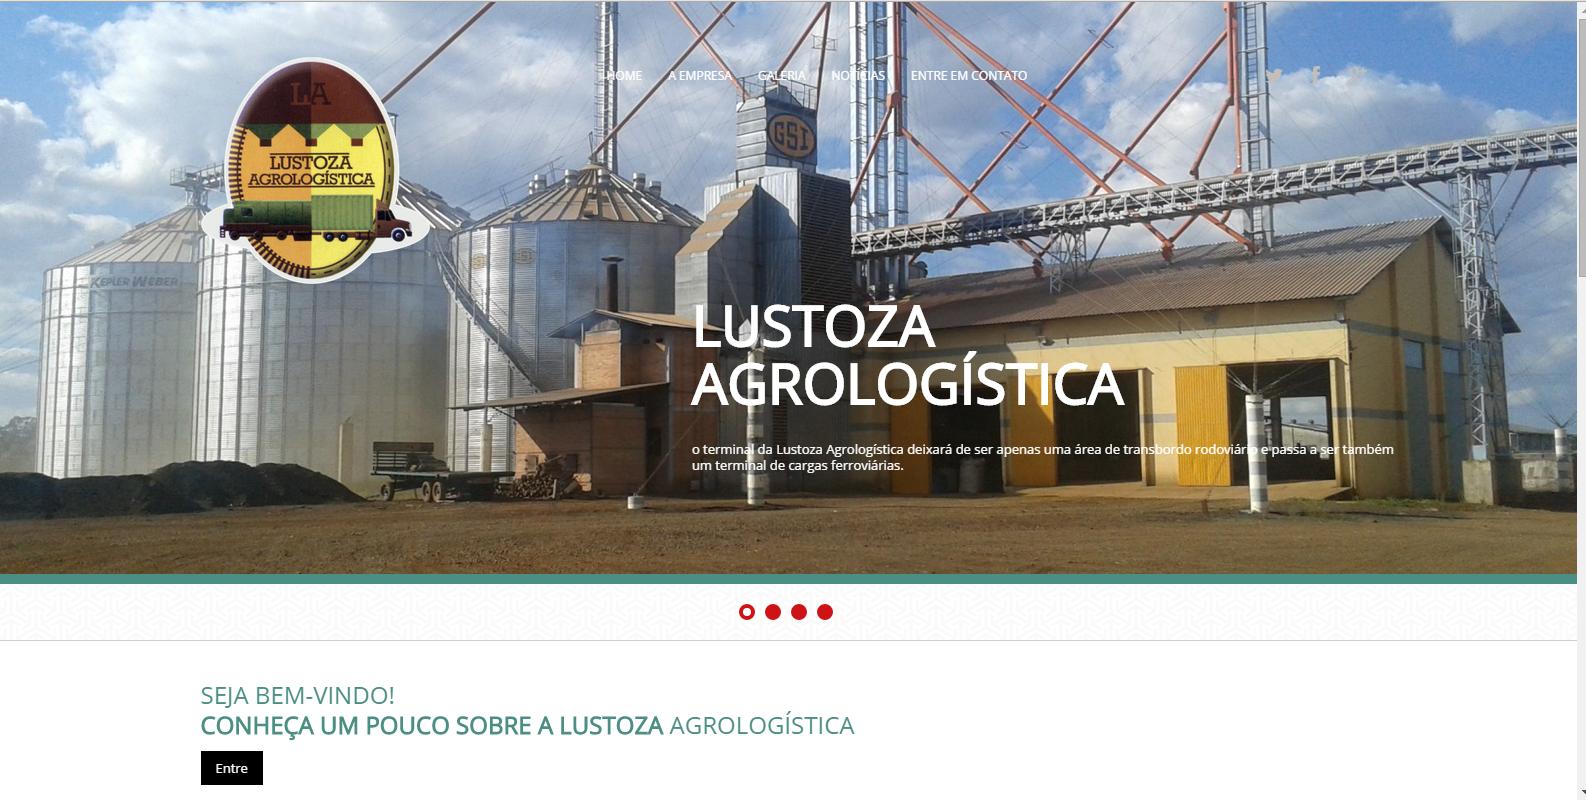 Lustoza Agrologística